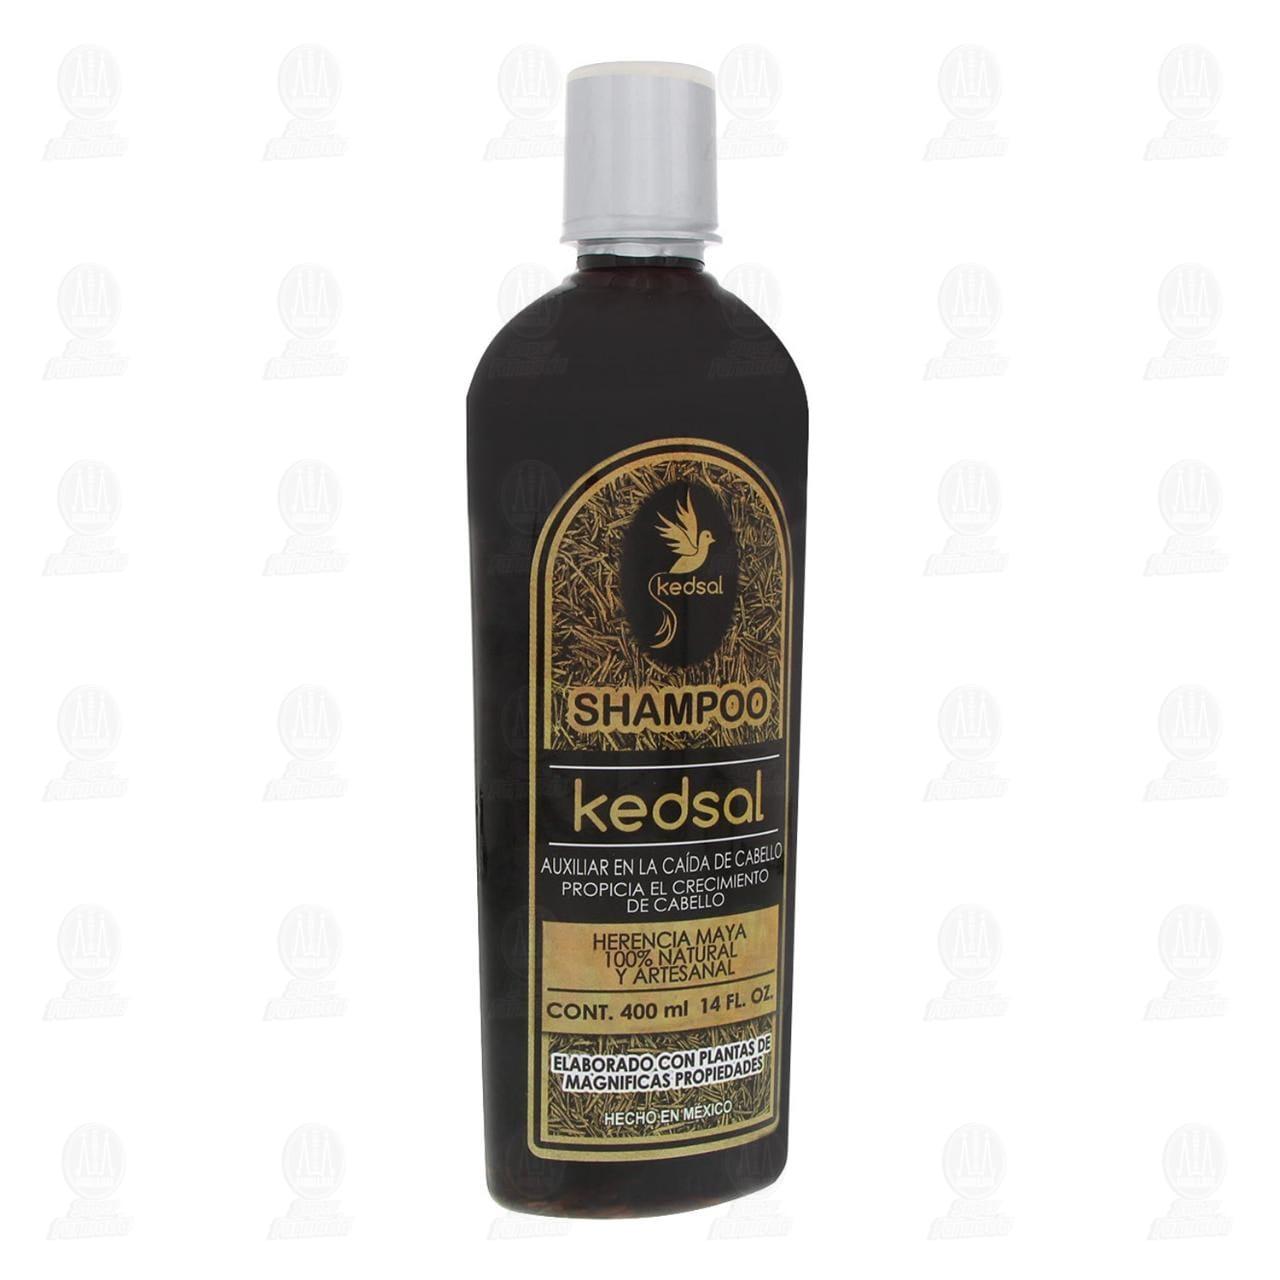 Comprar Shampoo Kedsal Auxiliar en la Caída del Cabello 100% Natural, 400 ml. en Farmacias Guadalajara